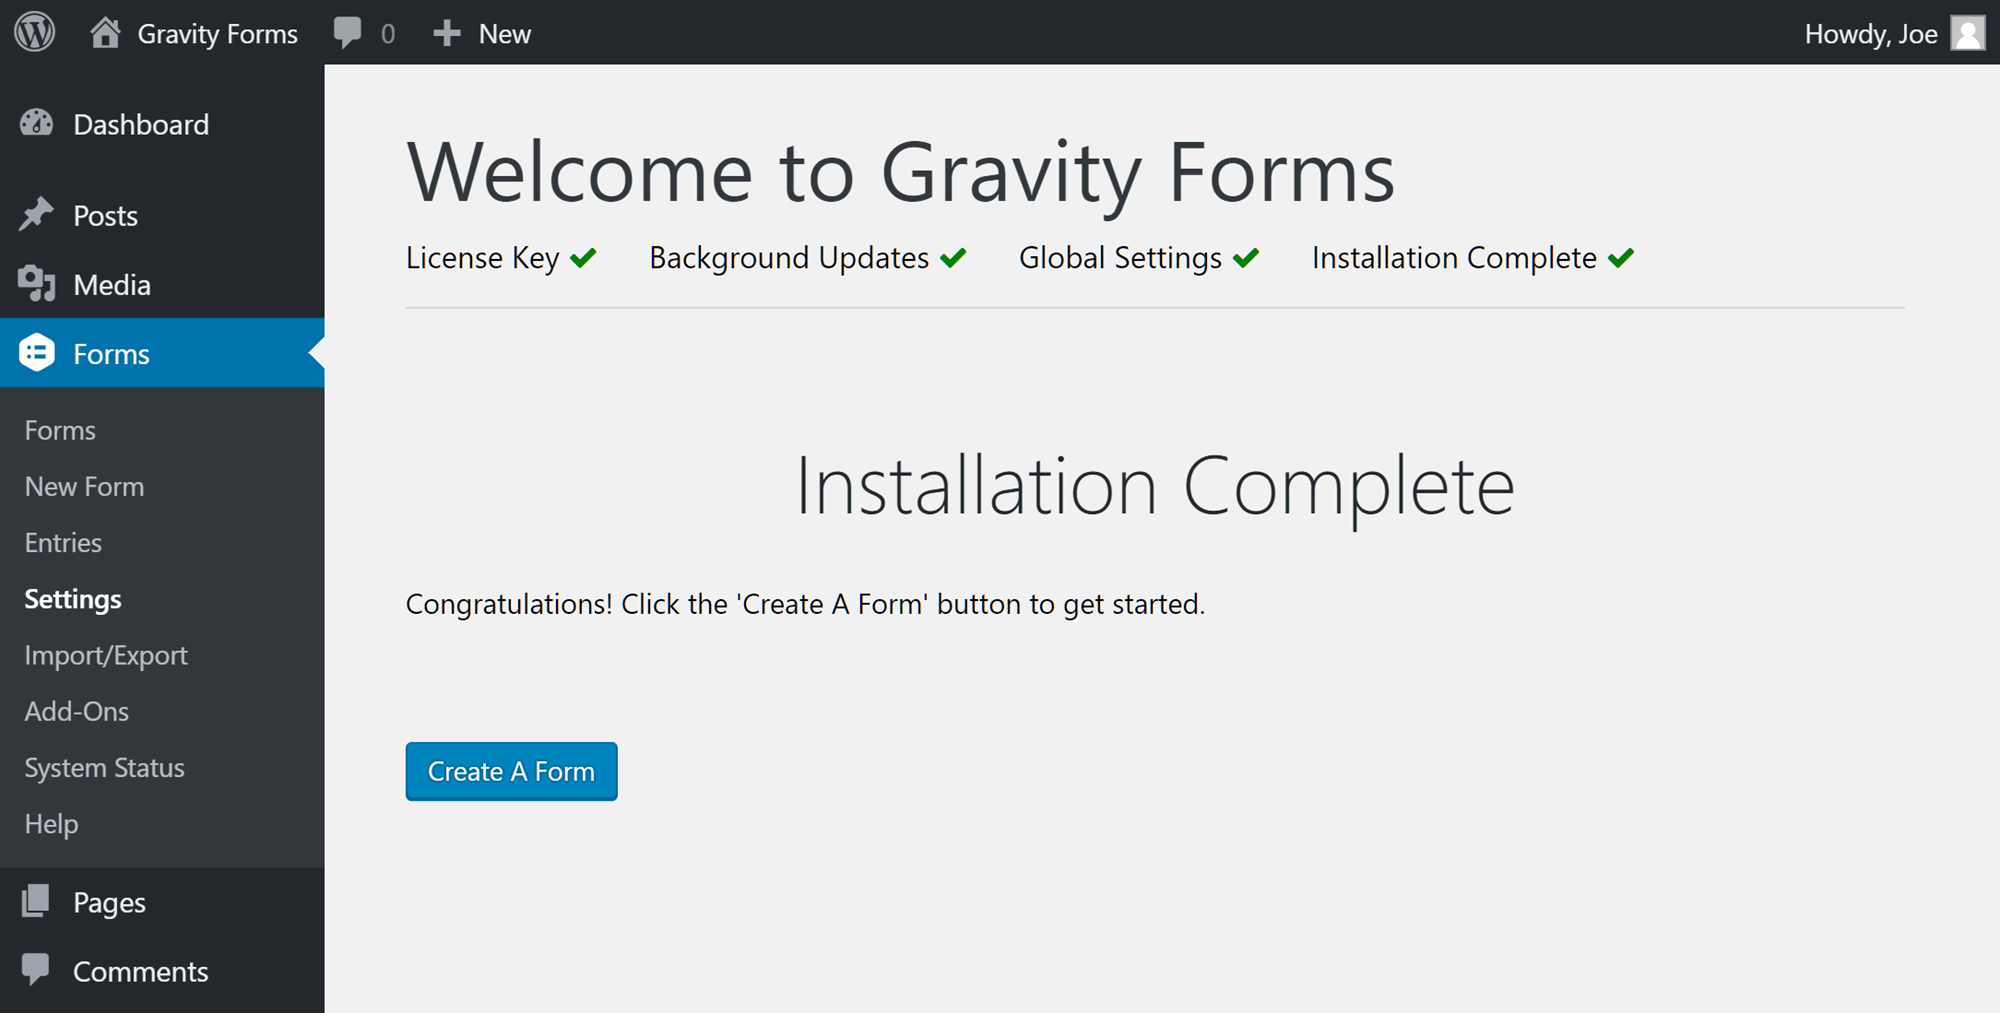 Pantalla de bienvenida de Gravity Forms